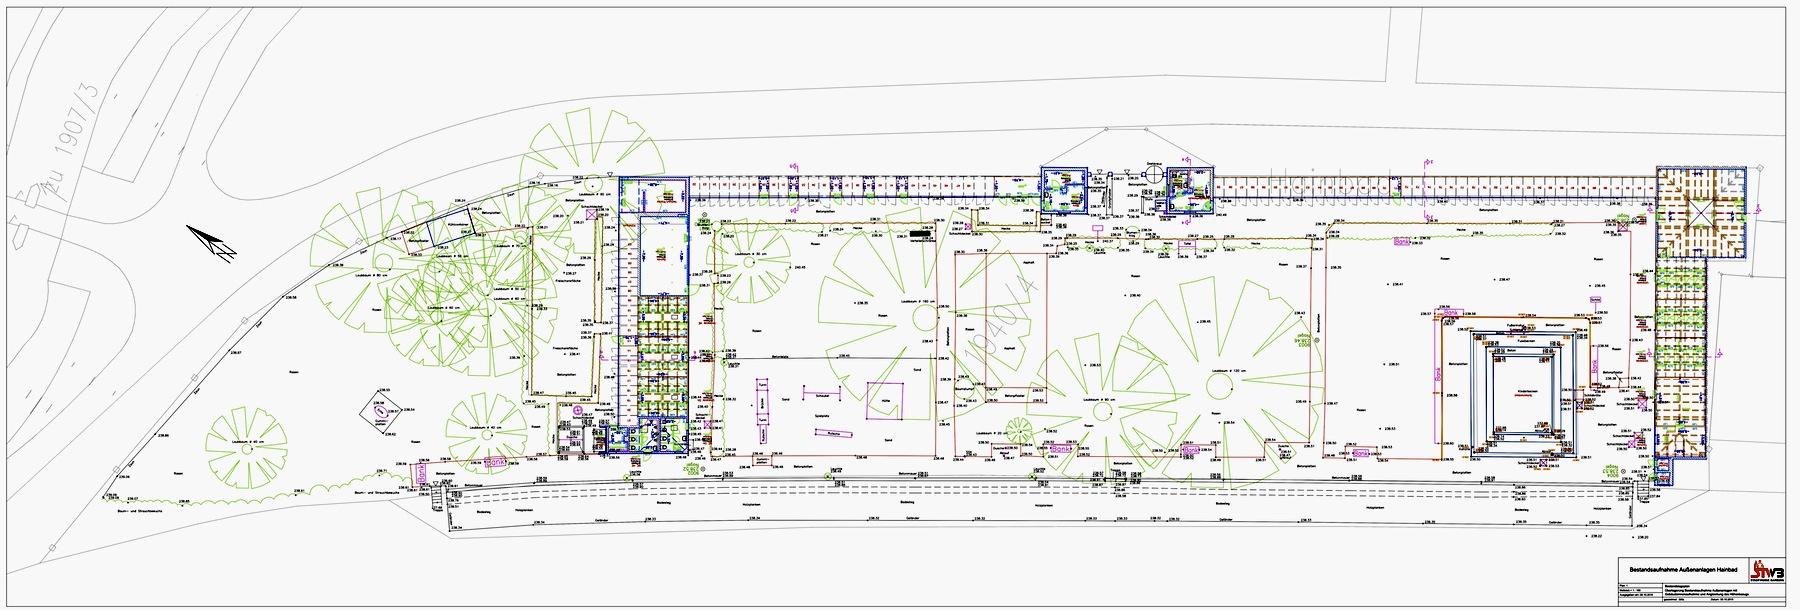 2015-10-08 Hainbad - Überlagerung Außenanlagen mit Gebäudeinnenaufnahme und Angleichung Höhenbezug